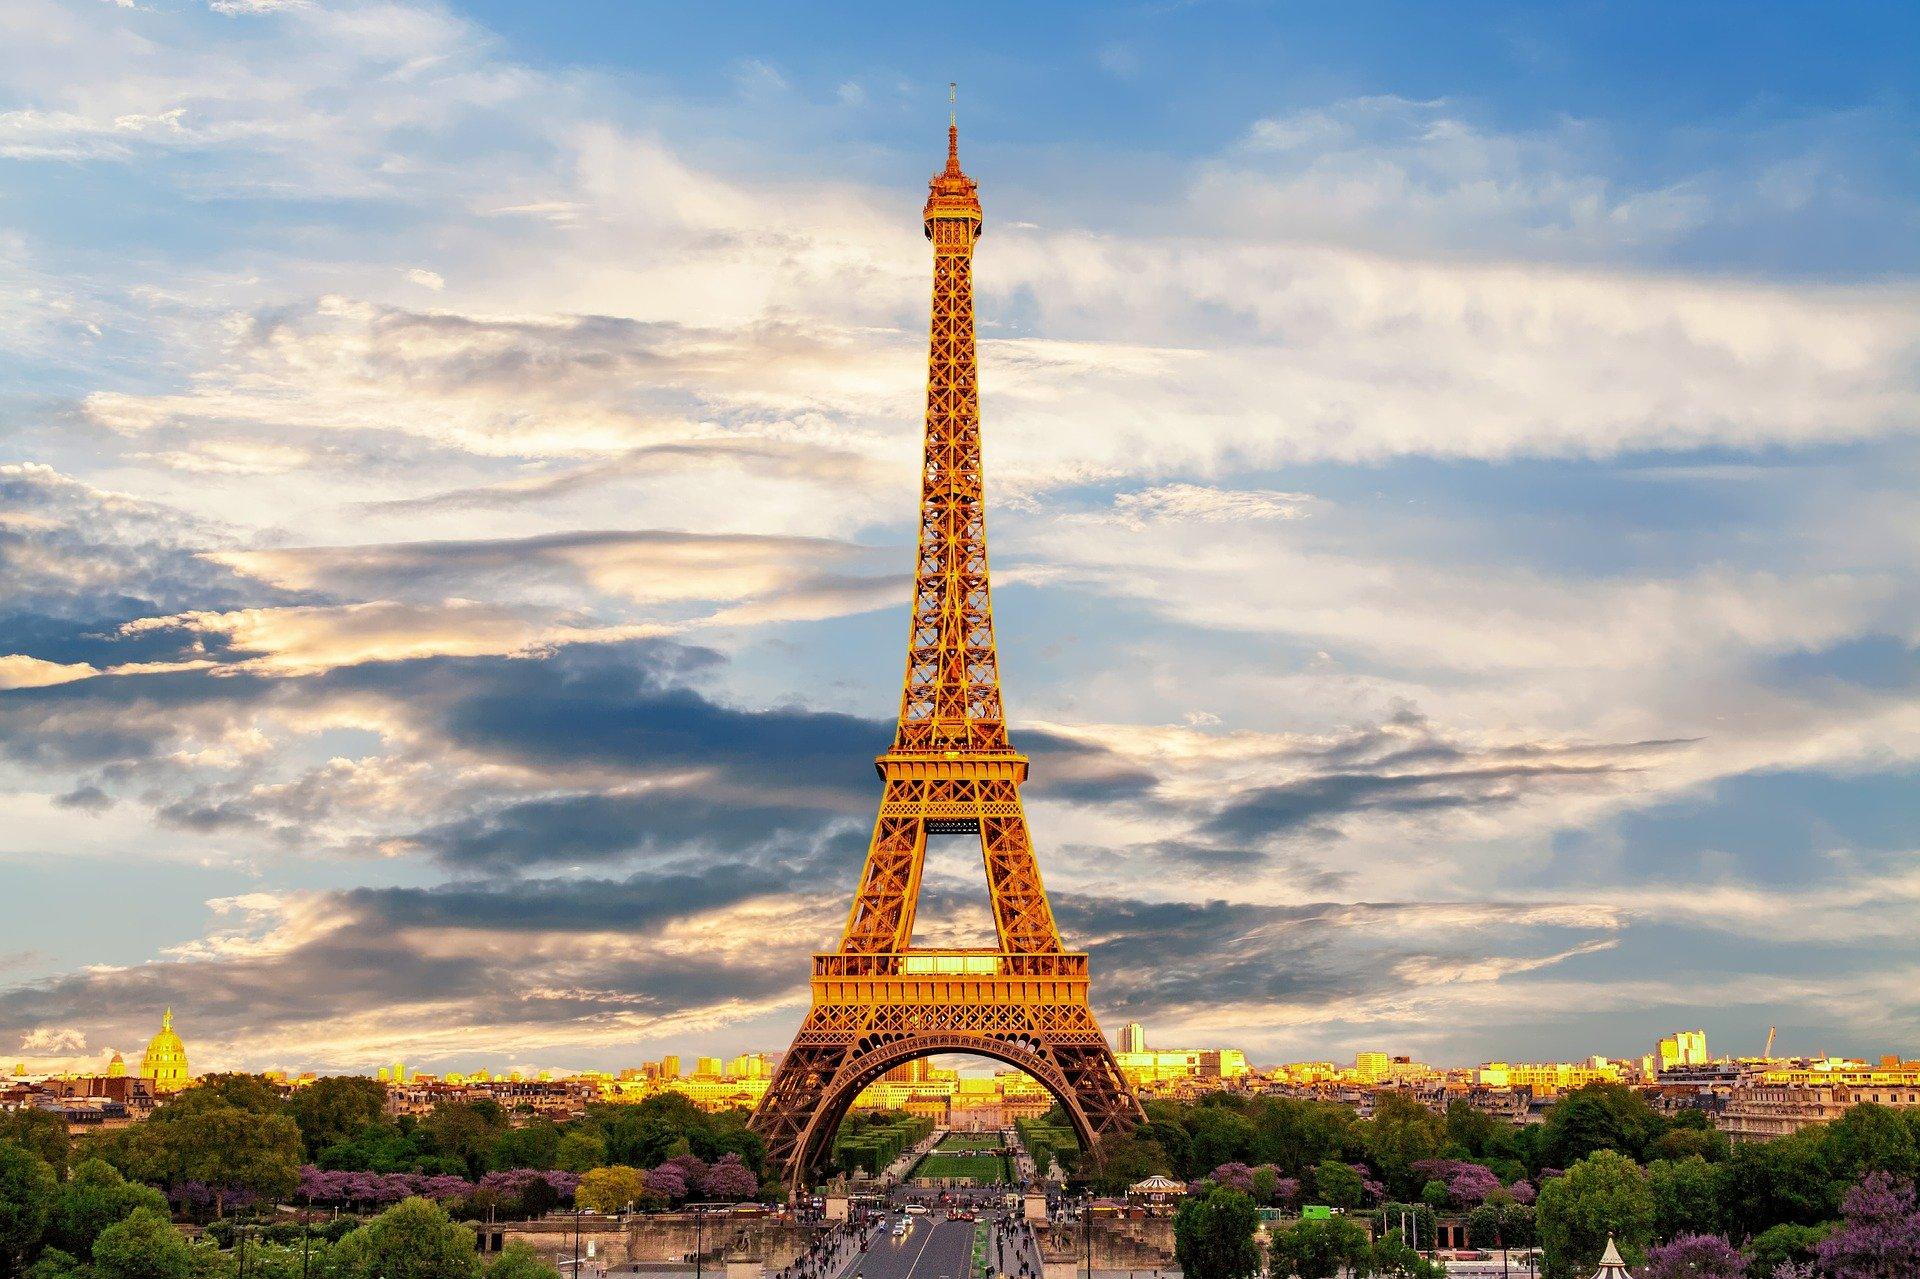 Pourquoi le temps s'écoule-t-il plus vite au sommet de la tour Eiffel ?